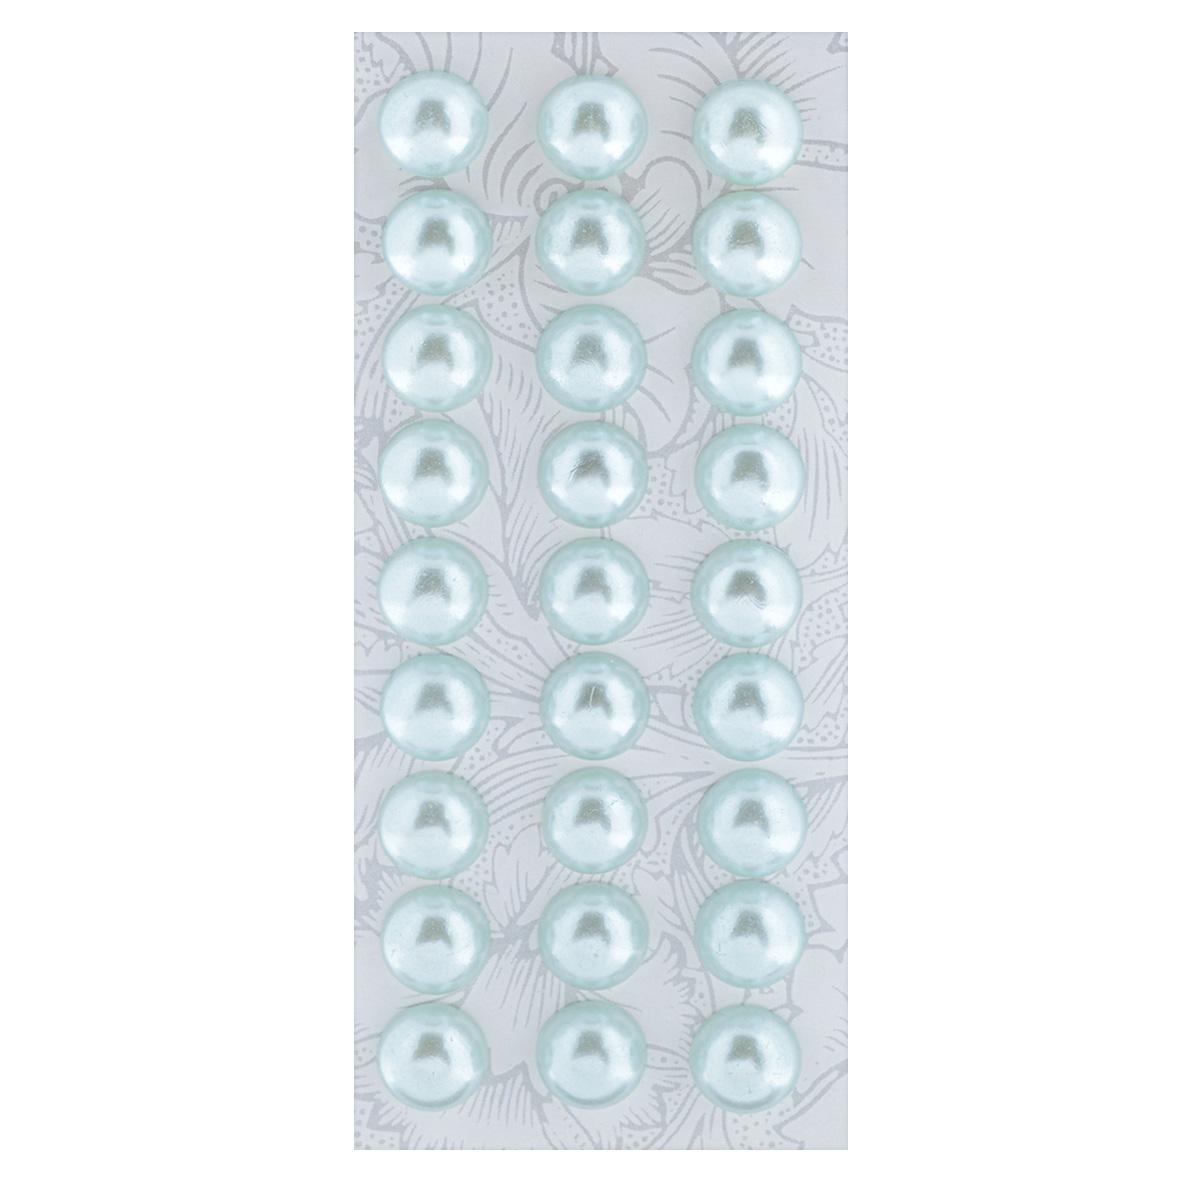 Наклейки декоративные Астра, цвет: мятный (118536), диаметр 10 мм, 27 шт7704129_118536Декоративные наклейки Астра, изготовленные из пластика, прекрасно подойдут для оформления творческих работ в технике скрапбукинга. Их можно использовать для украшения фотоальбомов, скрап-страничек, подарков, конвертов, фоторамок, открыток и т.д. Объемные наклейки круглой формы оснащены задней клейкой стороной. Скрапбукинг - это хобби, которое способно приносить массу приятных эмоций не только человеку, который этим занимается, но и его близким, друзьям, родным. Это невероятно увлекательное занятие, которое поможет вам сохранить наиболее памятные и яркие моменты вашей жизни, а также интересно оформить интерьер дома. Диаметр наклейки: 10 мм.